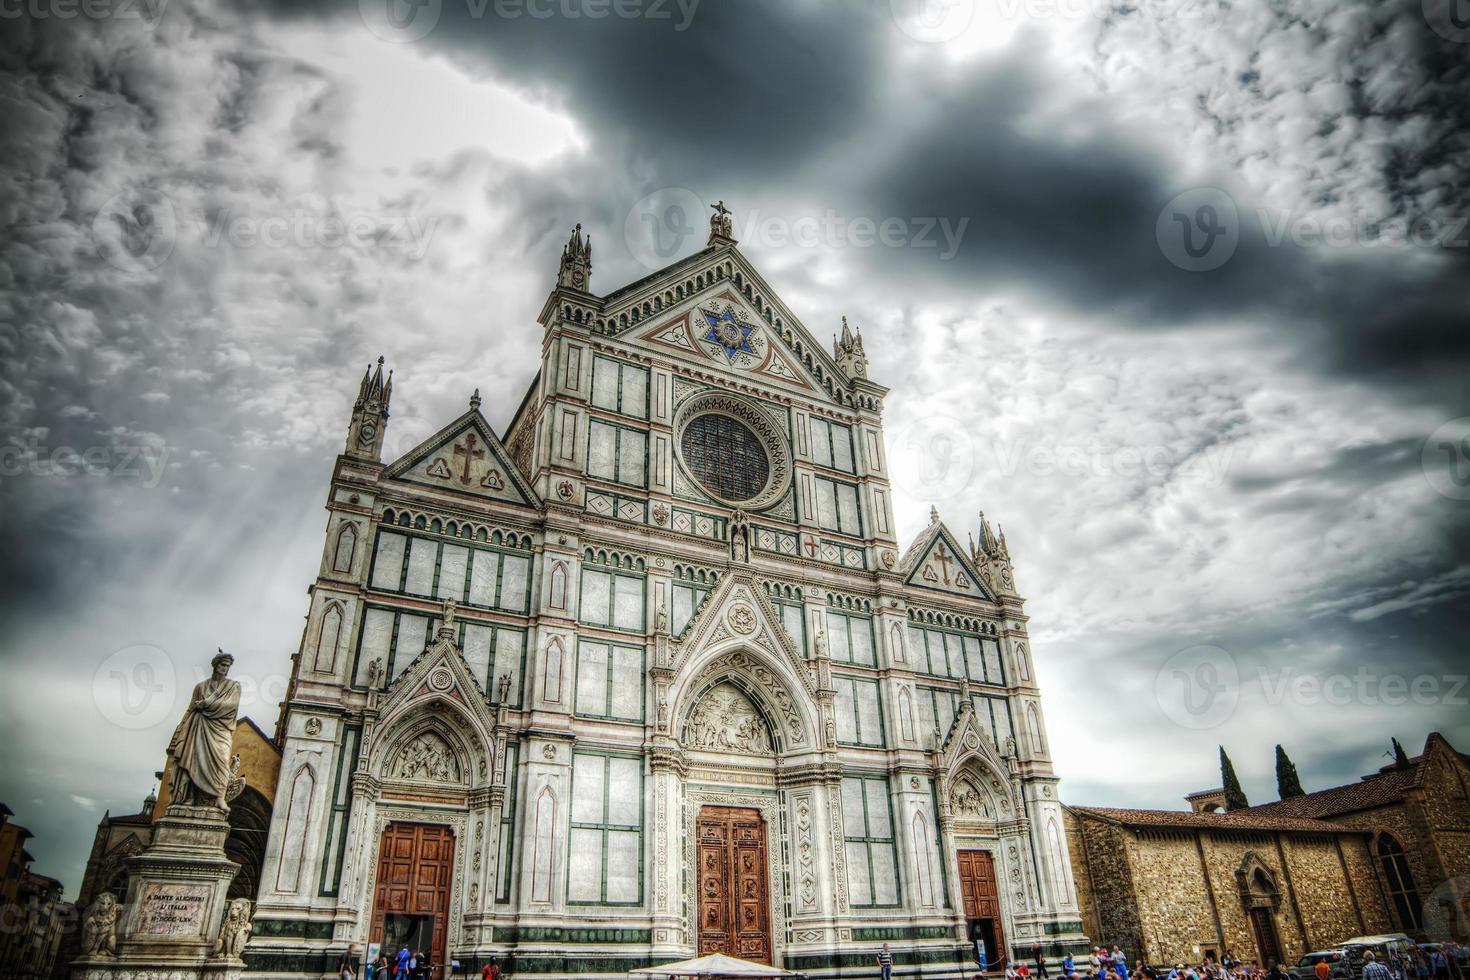 santa croce katedral under en dramatisk himmel i Florens foto